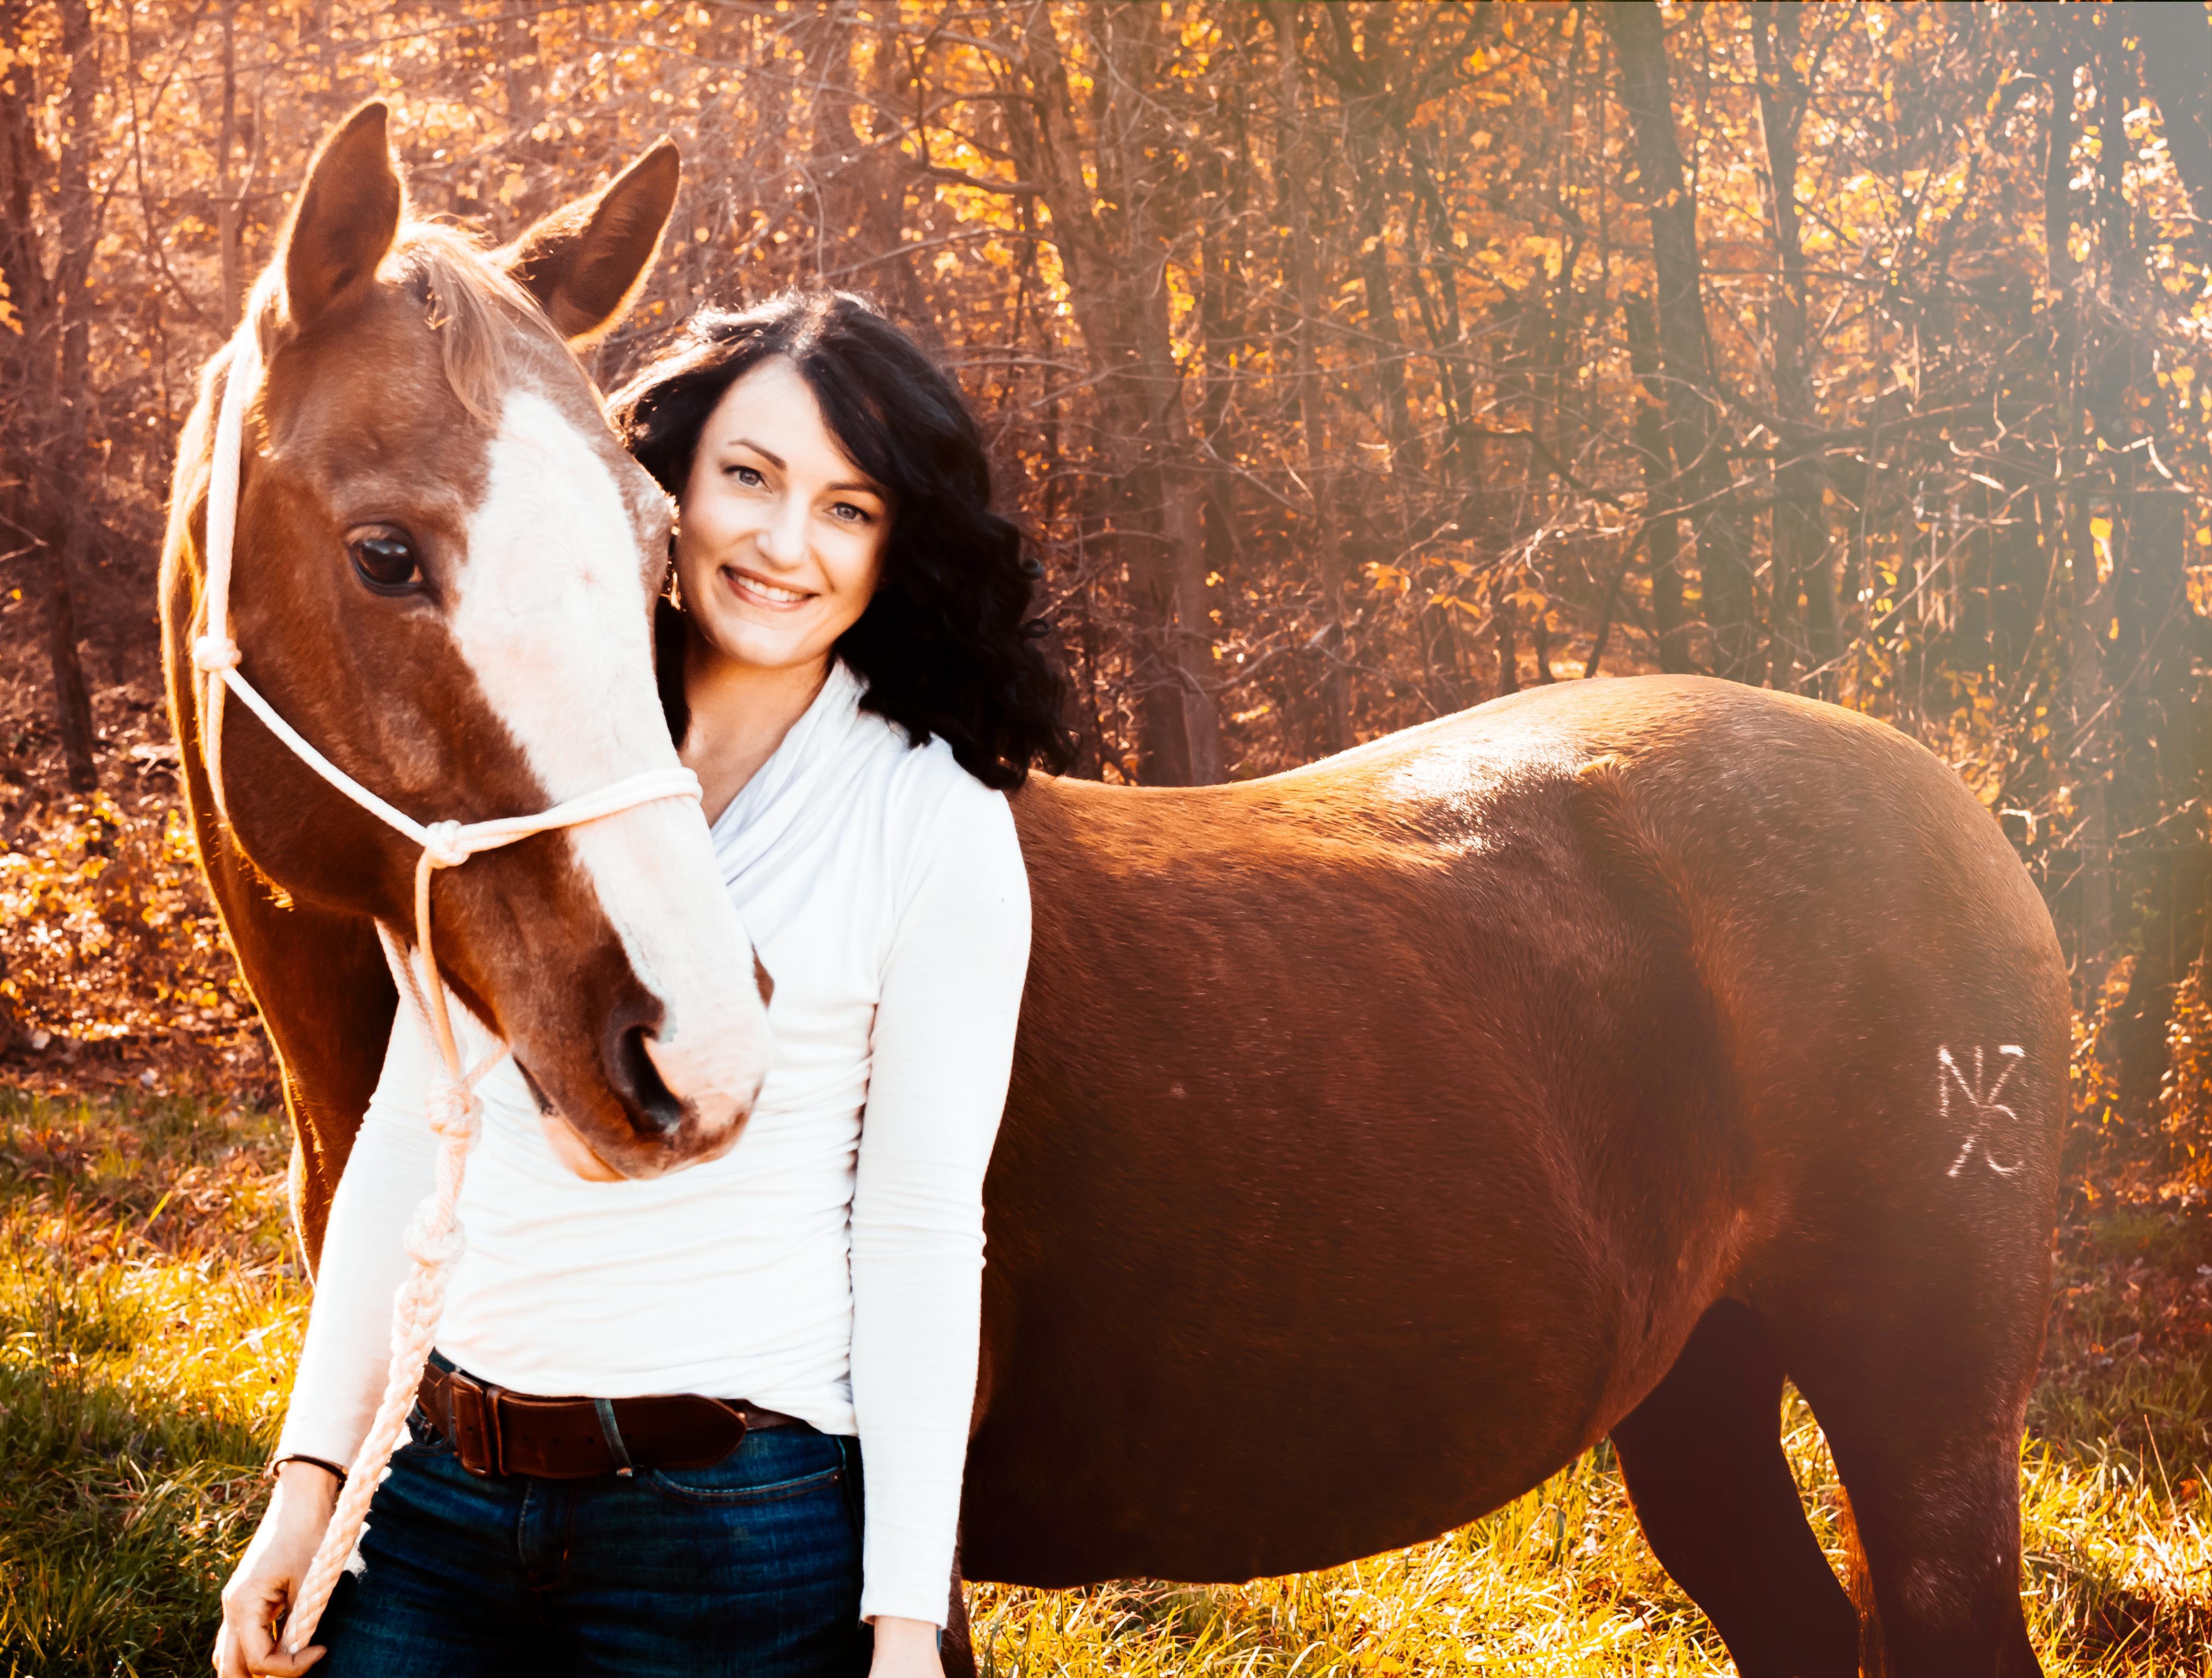 Amor verdadeiro: 14 maneiras pelas quais os cavaleiros mostram que seus cavalos se importam 3